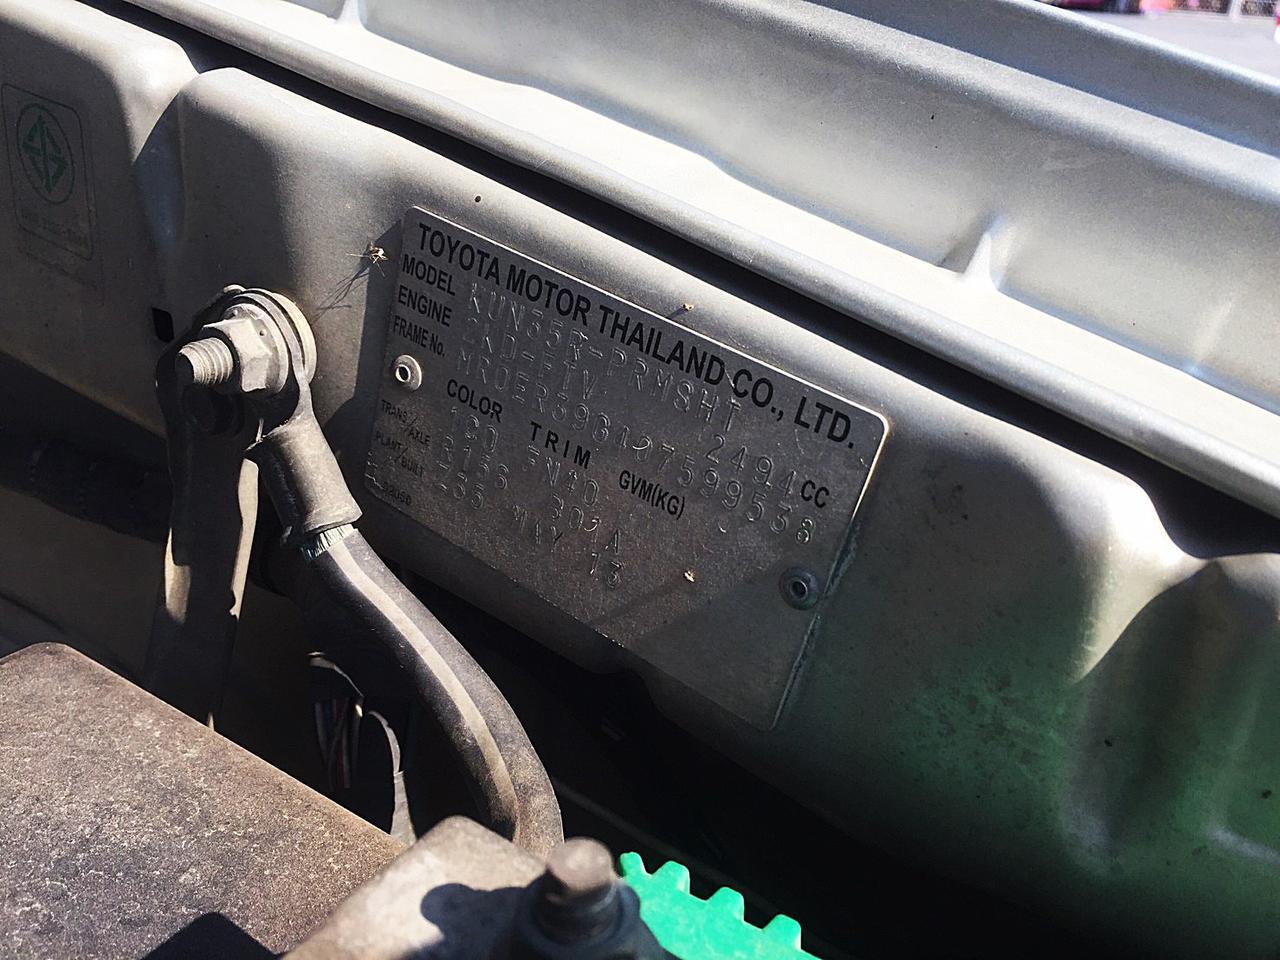 ✅ ฟรีดาวน์ TOYOTA VIGO PRERUNER ปี12-14 รถกระบะ 4 ประตู โตโยต้า วีโก้ รถบ้าน รถมือเดียว รุ่นท็อป รถมือเดียว รูปที่ 6